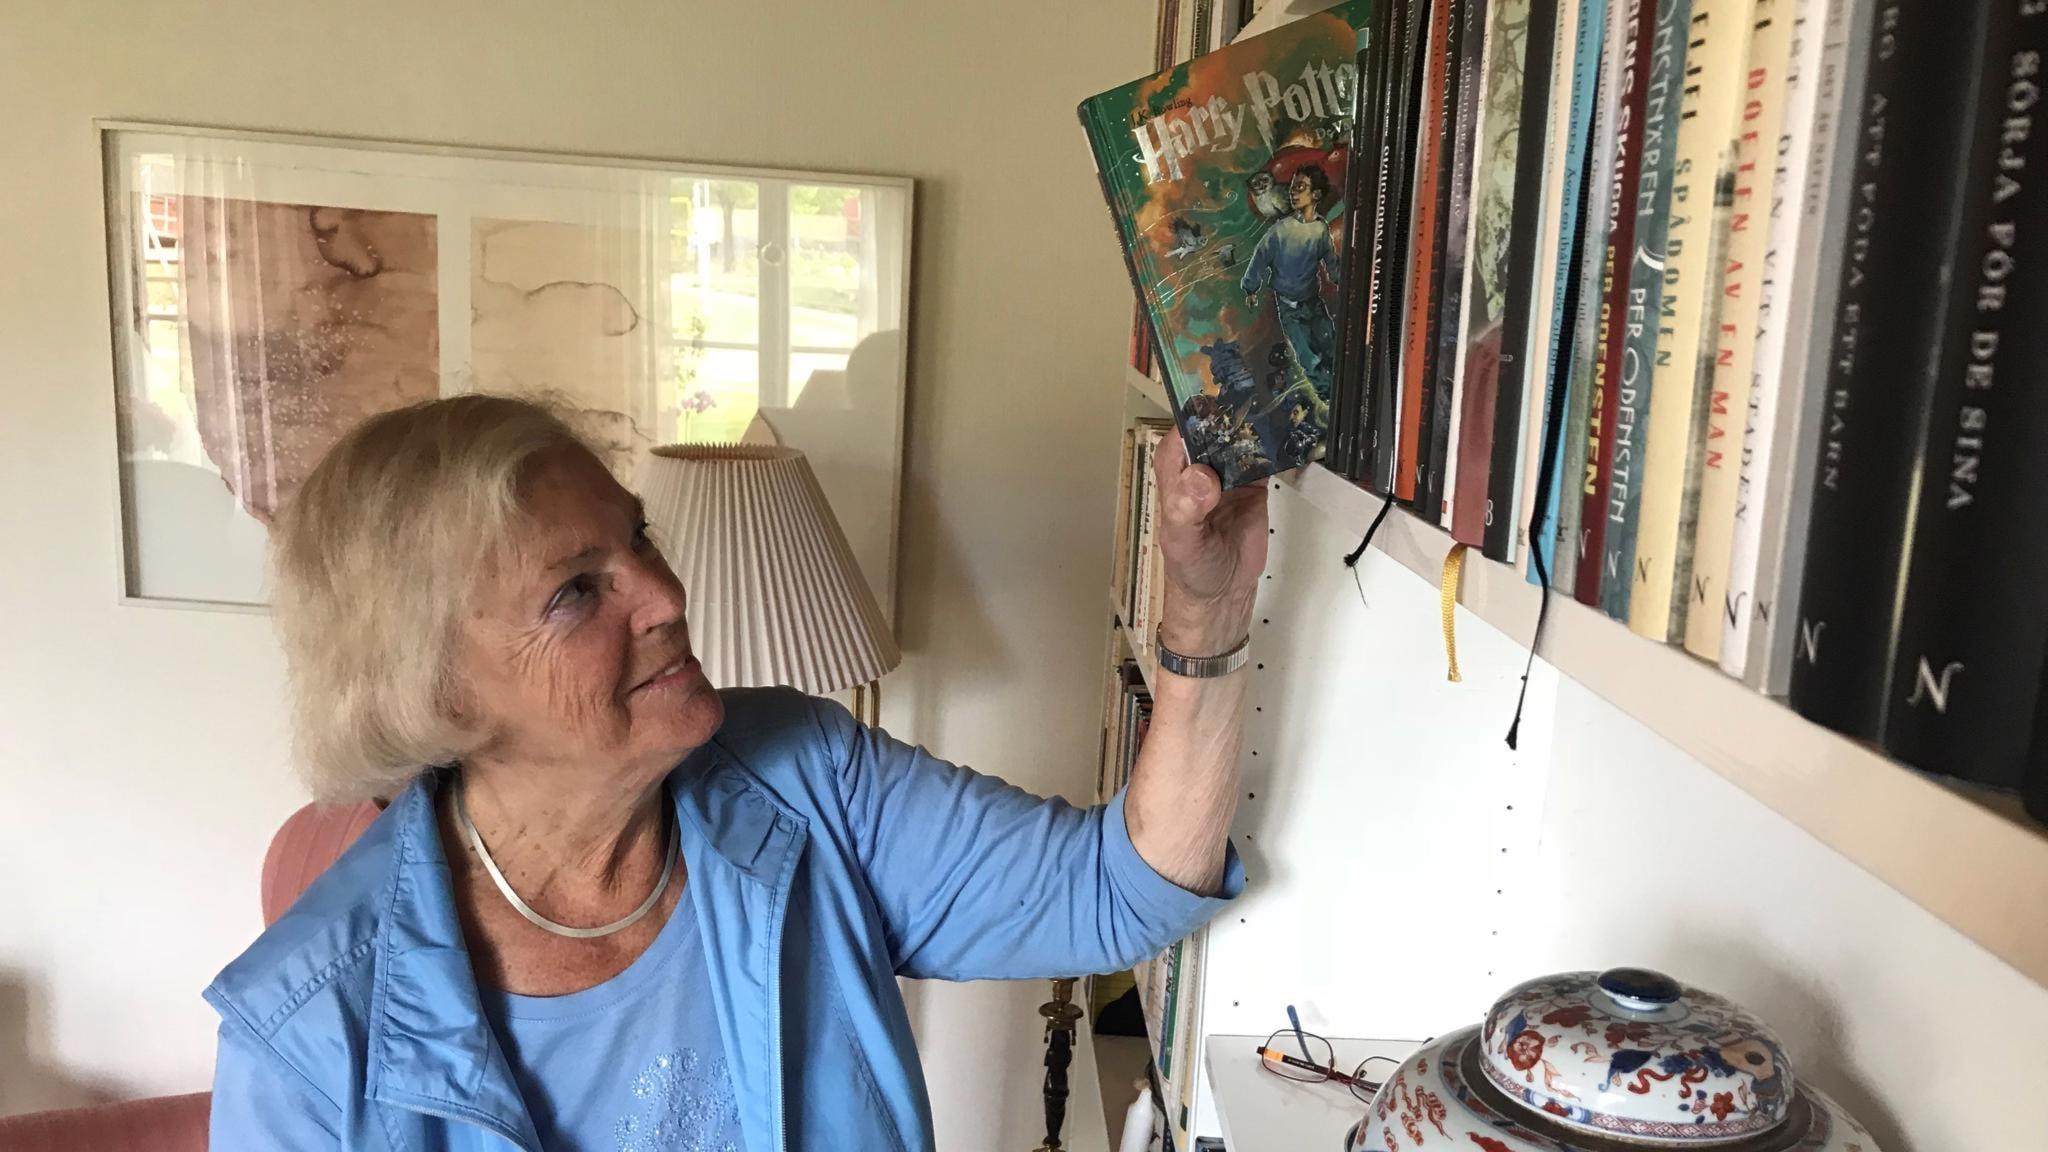 Lena Fries-Gedin översatte alla sju böckerna om Harry Potter.